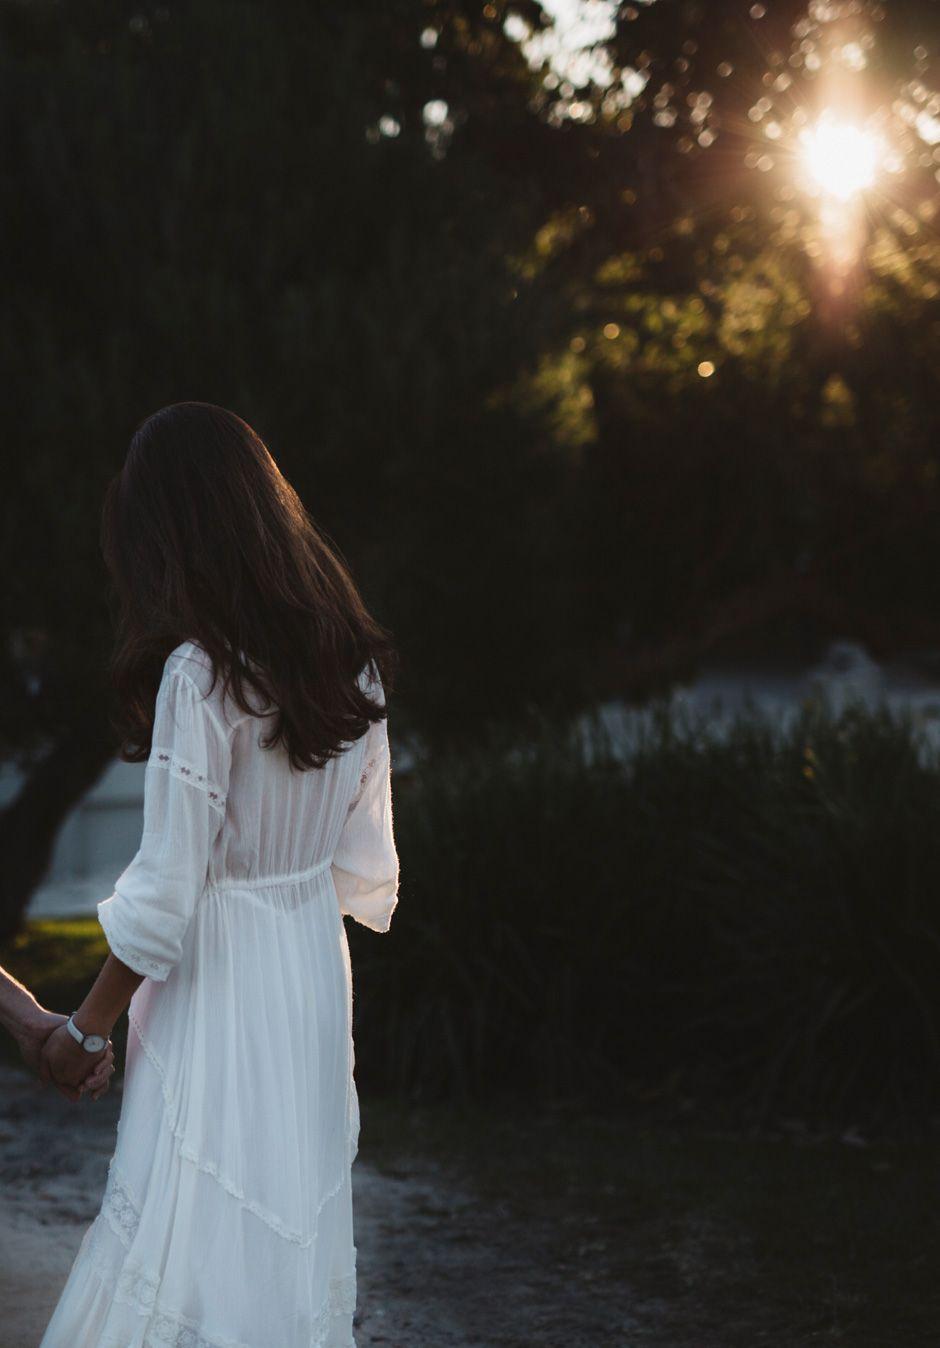 sarah+andrew_engagement_jamie-murcutt-photography_02